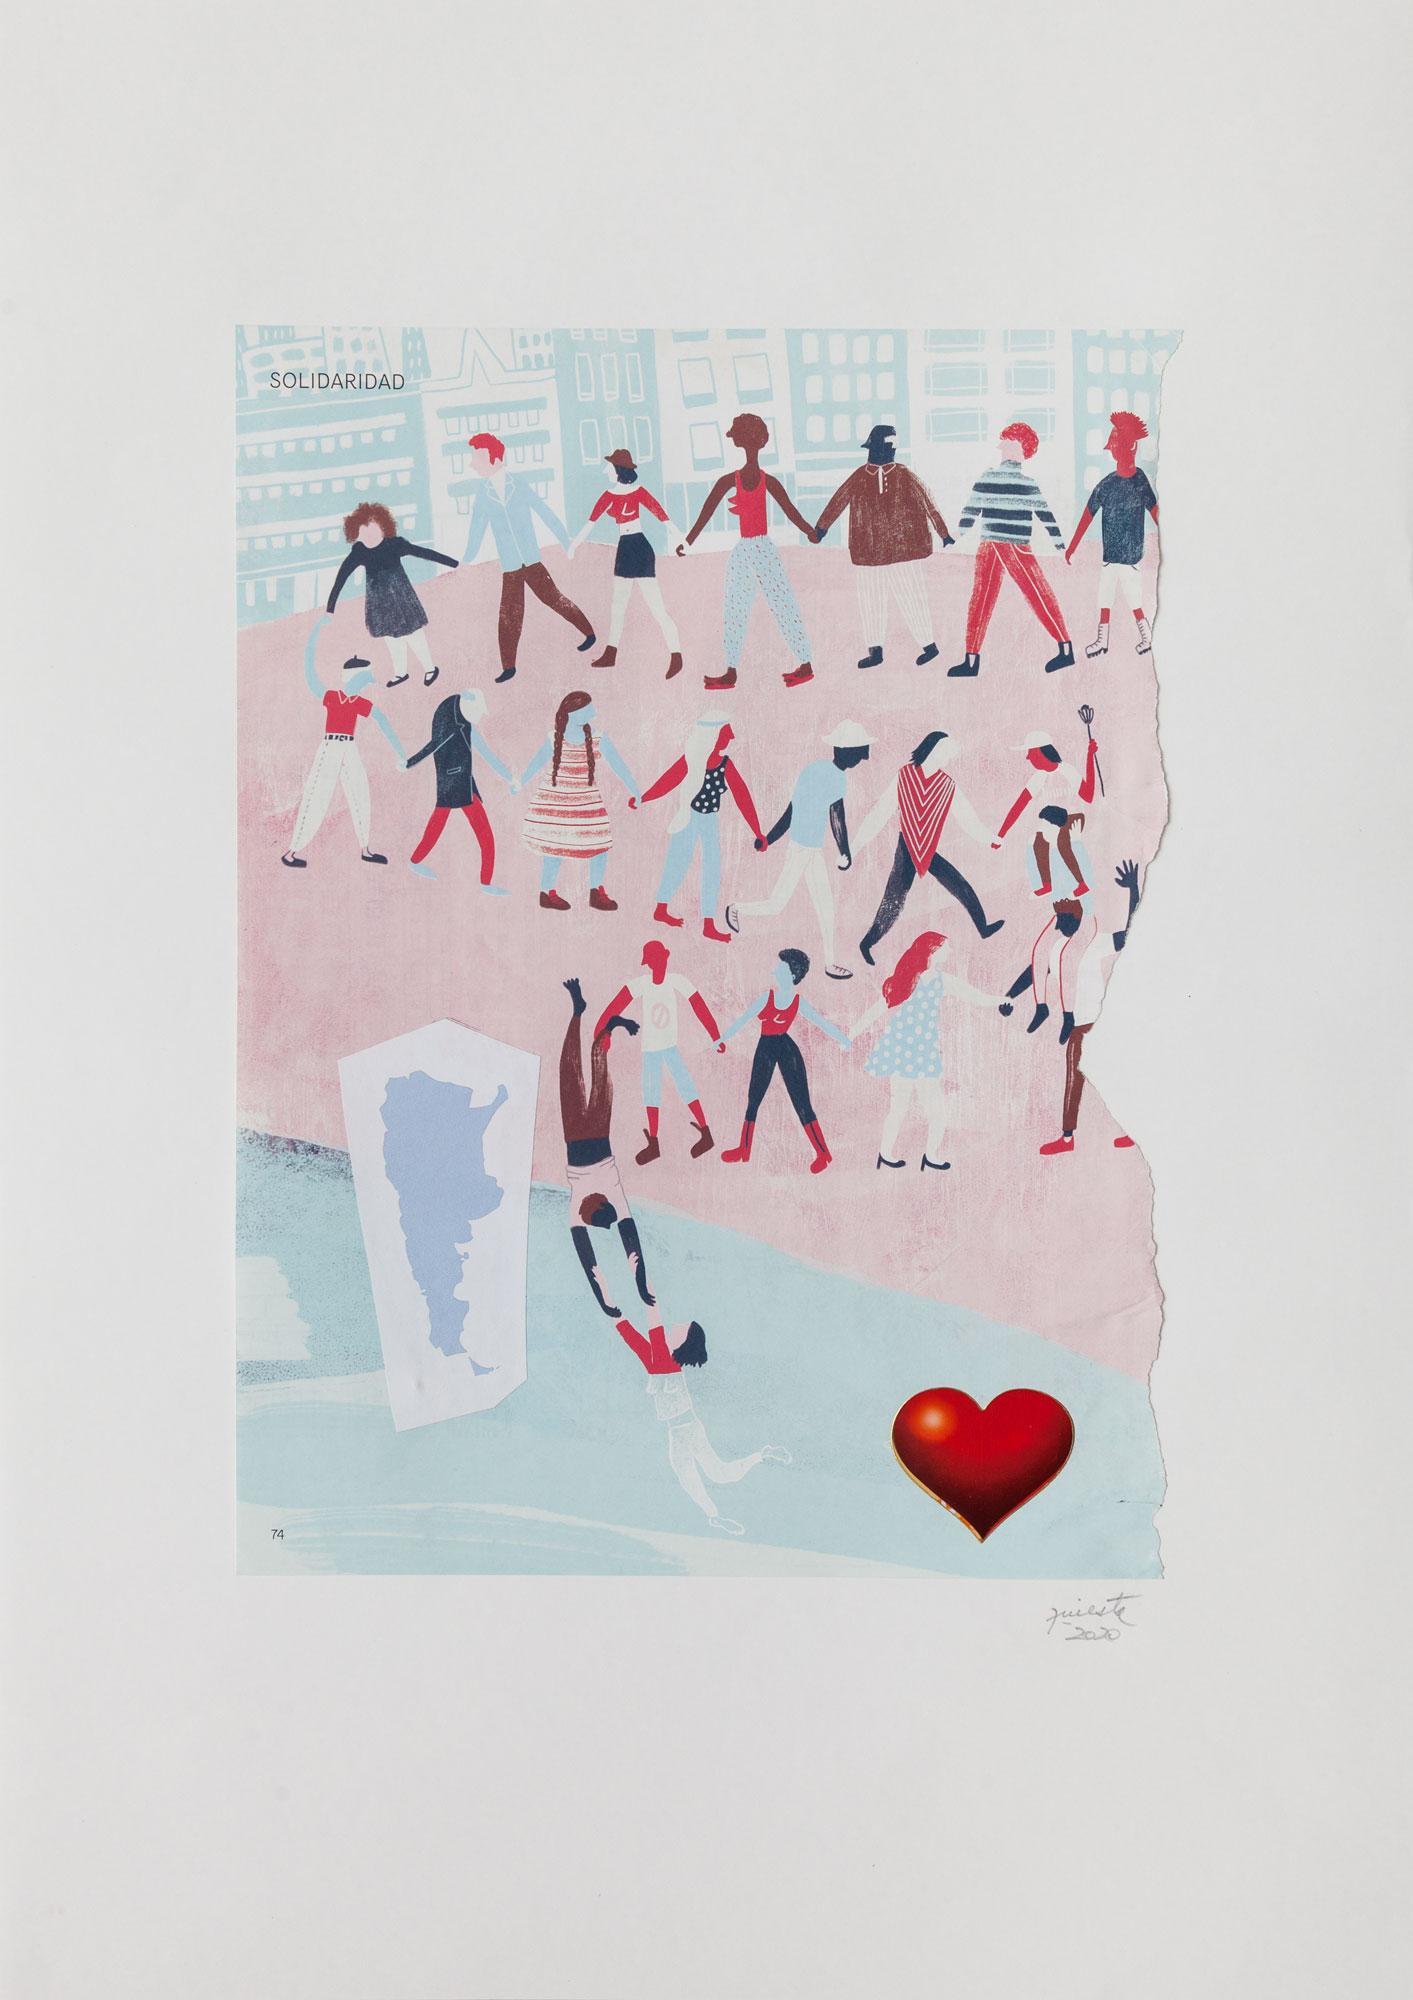 Solidaridad, serie La sutileza de la imagen_papel collage, 30 cm x 22 cm 2020